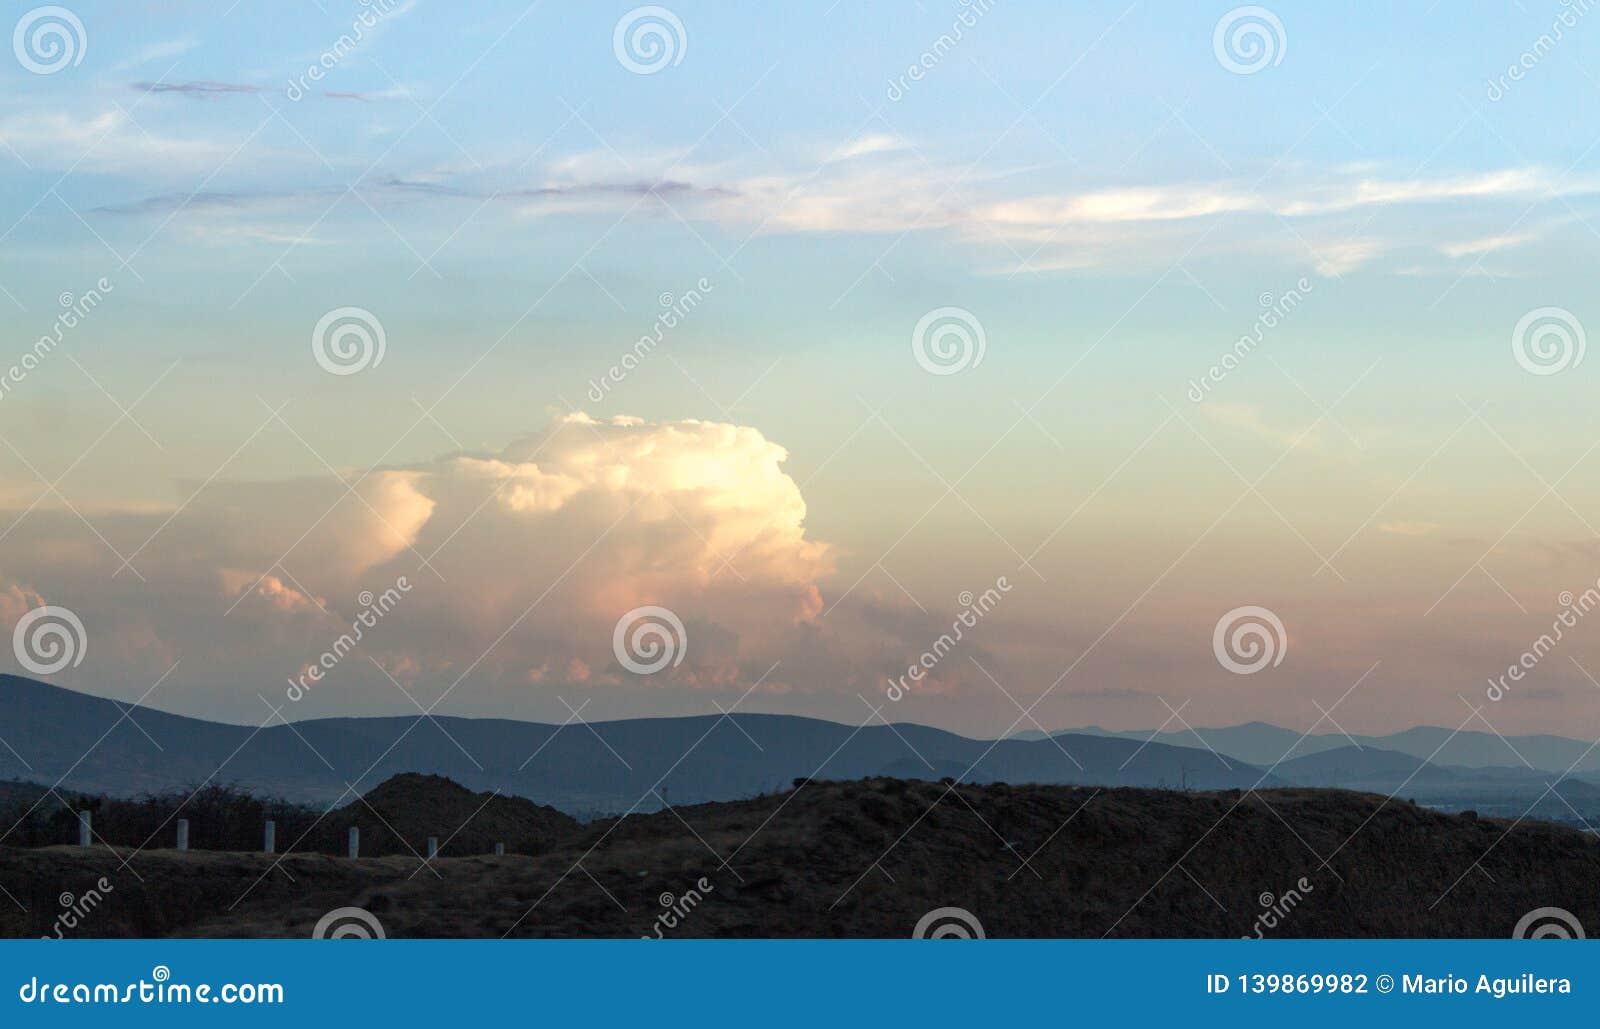 Beautiful sky with a huge cloud